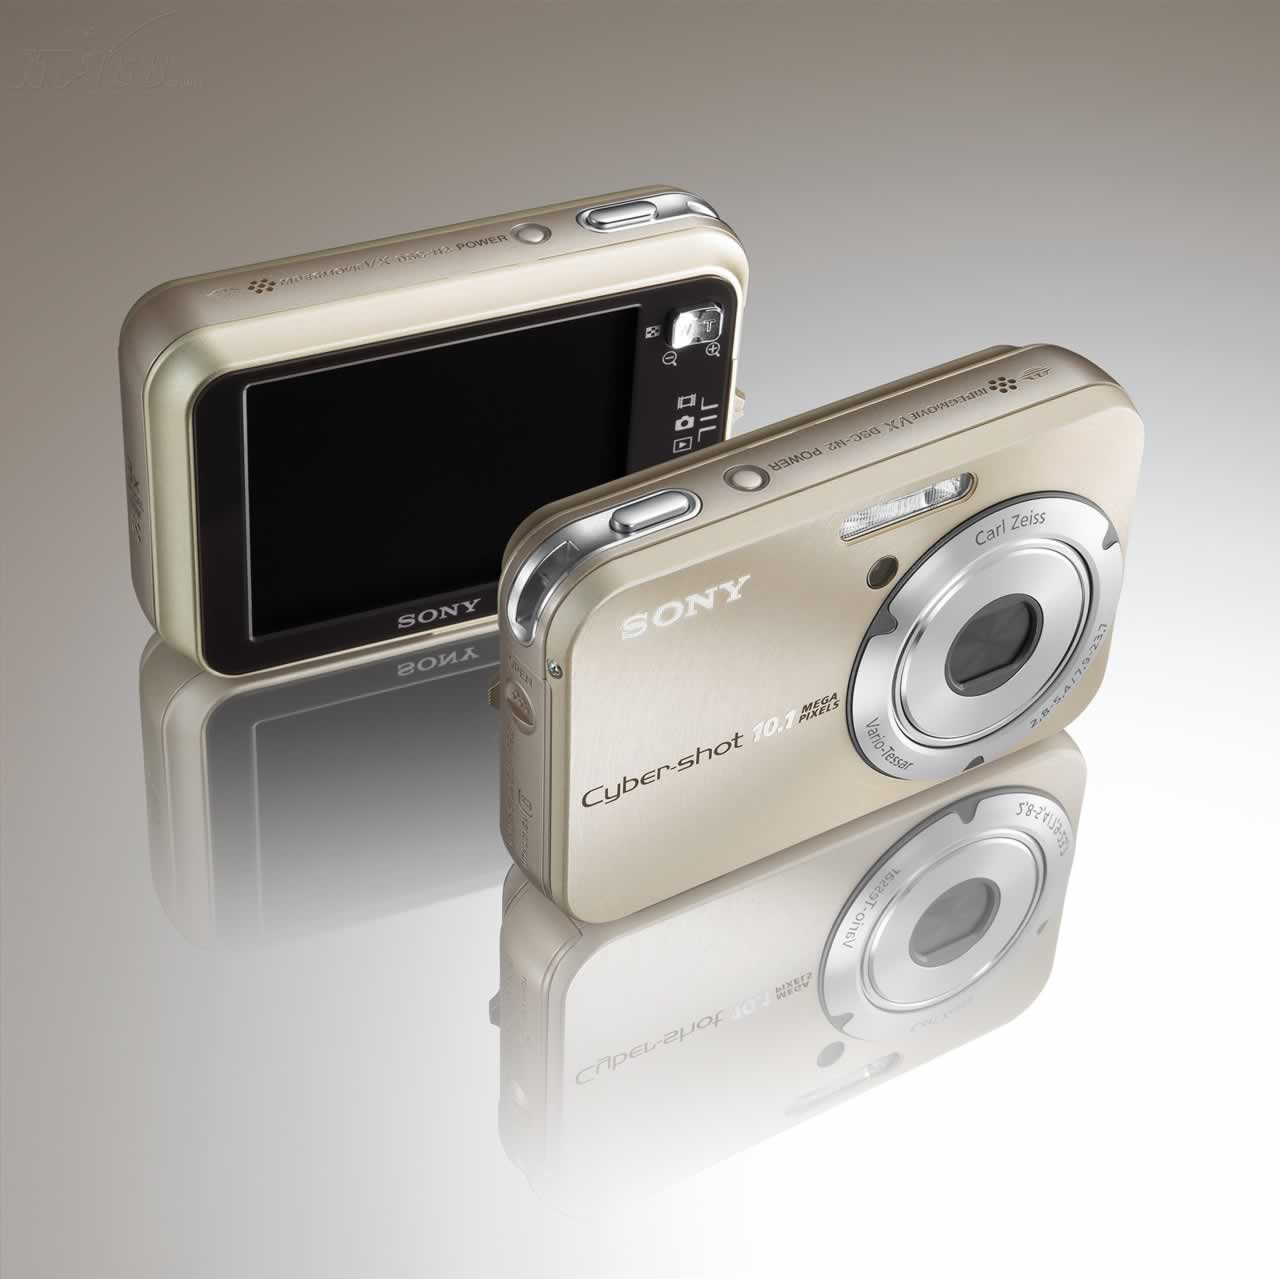 sony相机感人广告_sony10x数码相机_sony摄像机的使用